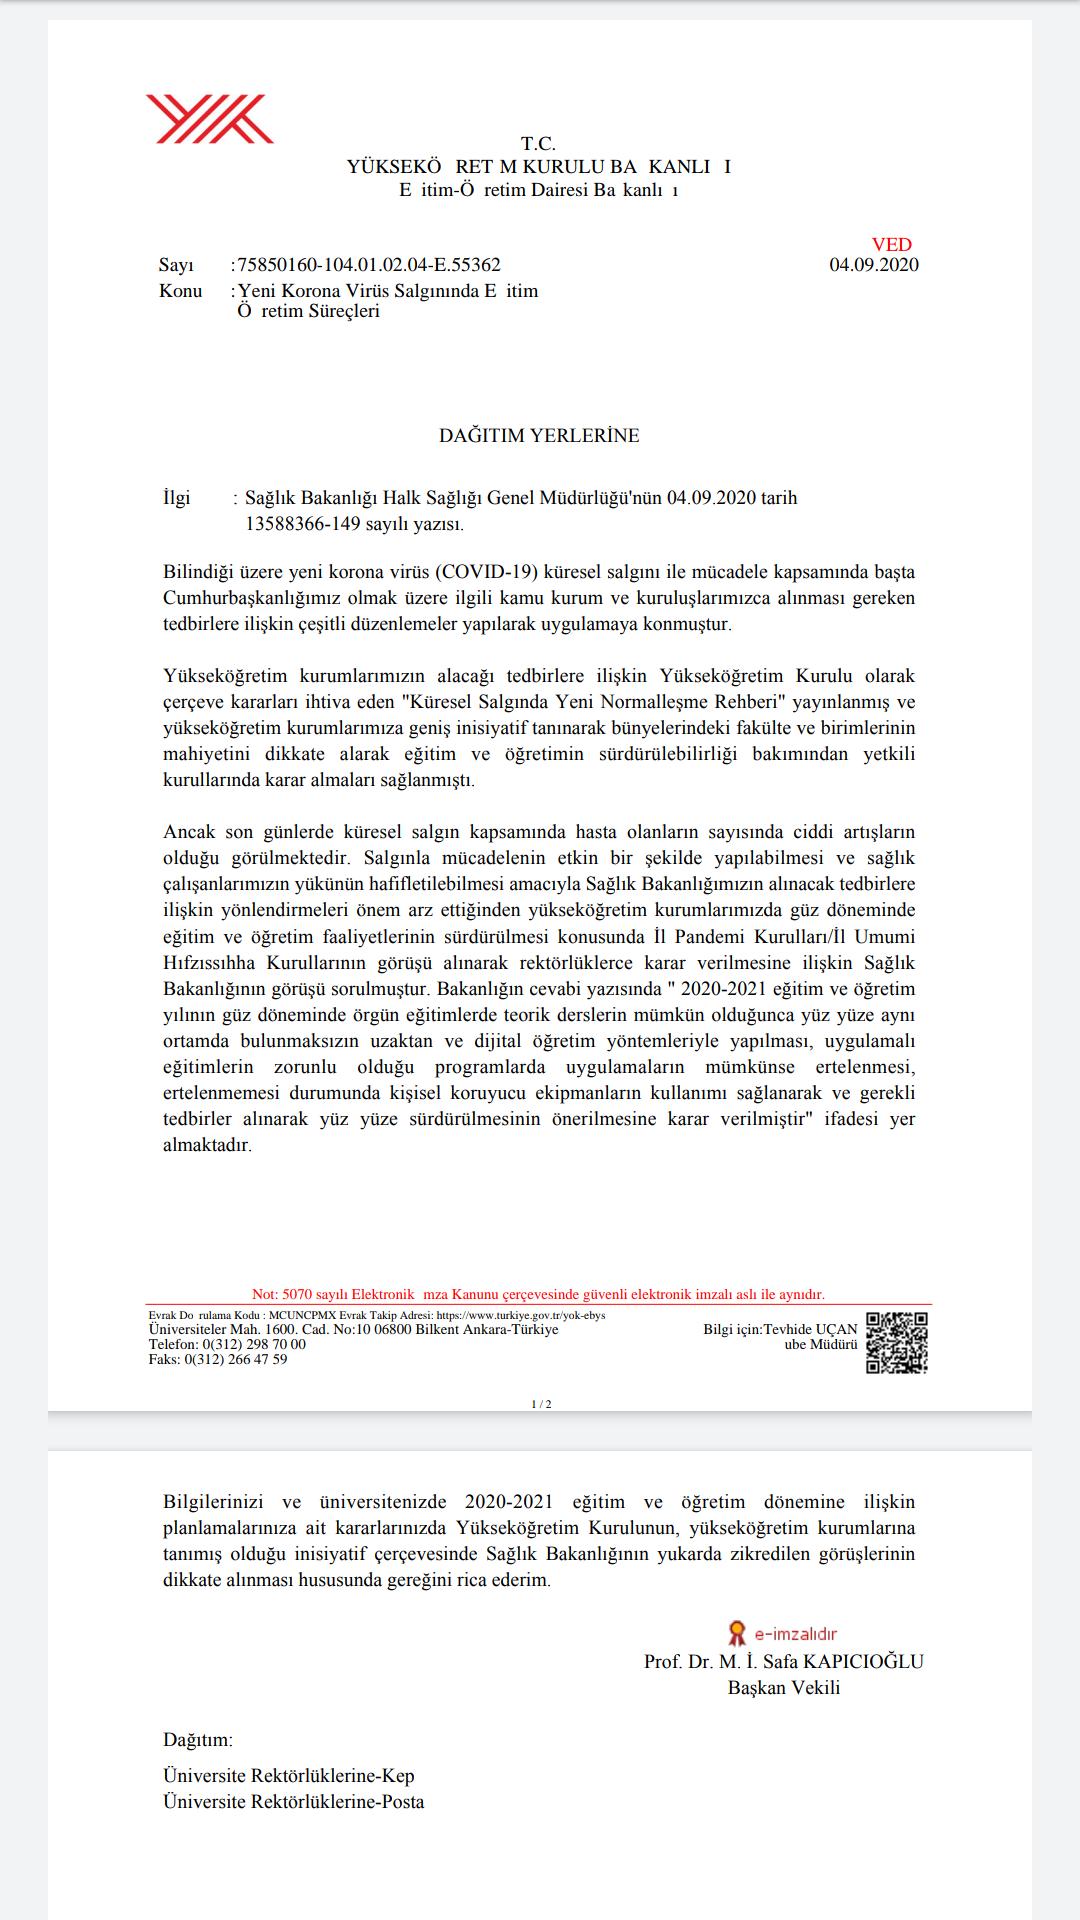 YÖK Başkanı Yekta Saraç'tan uzaktan eğitim açıklaması